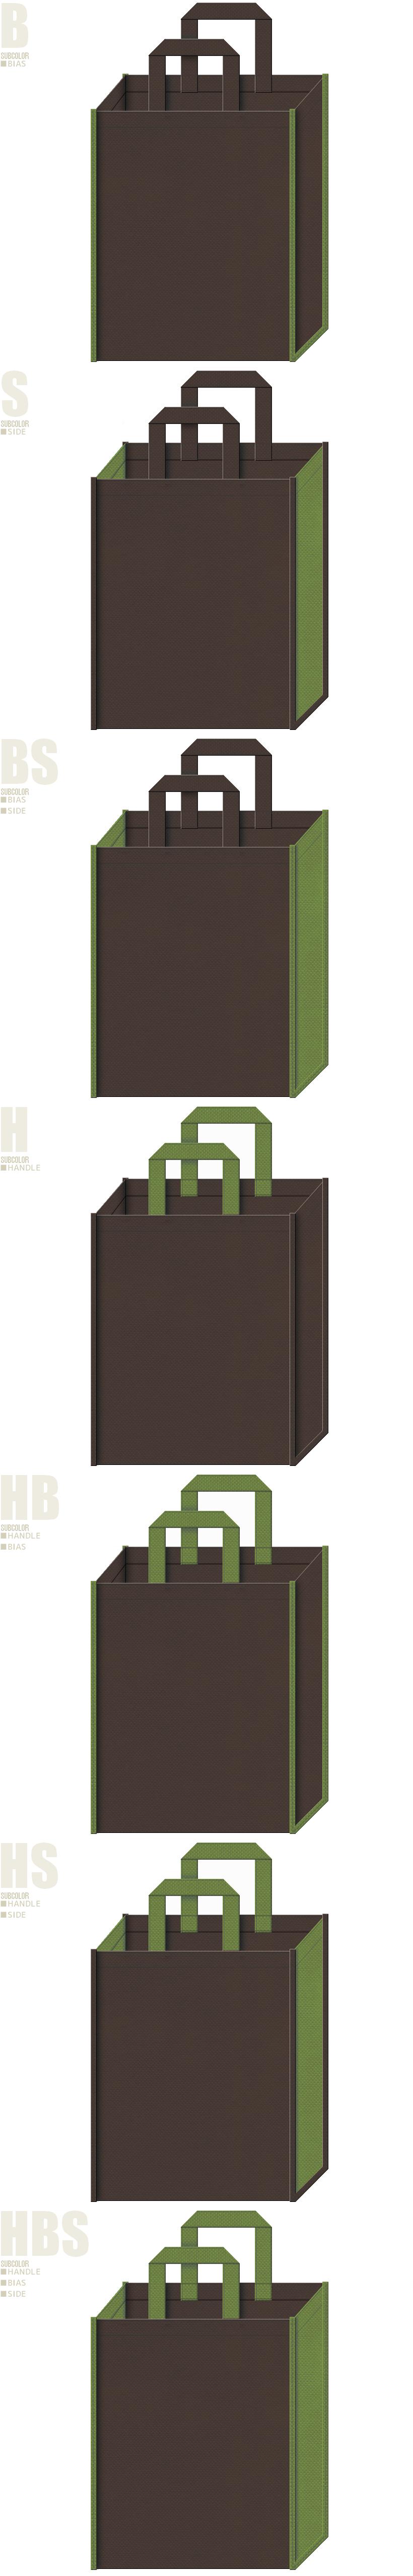 和風催事・国内観光・ゲーム・歴史書籍のバッグノベルティにお奨めです。こげ茶色と草色、7パターンの不織布トートバッグ配色デザイン例。古都・草庵・俳句のイメージ。